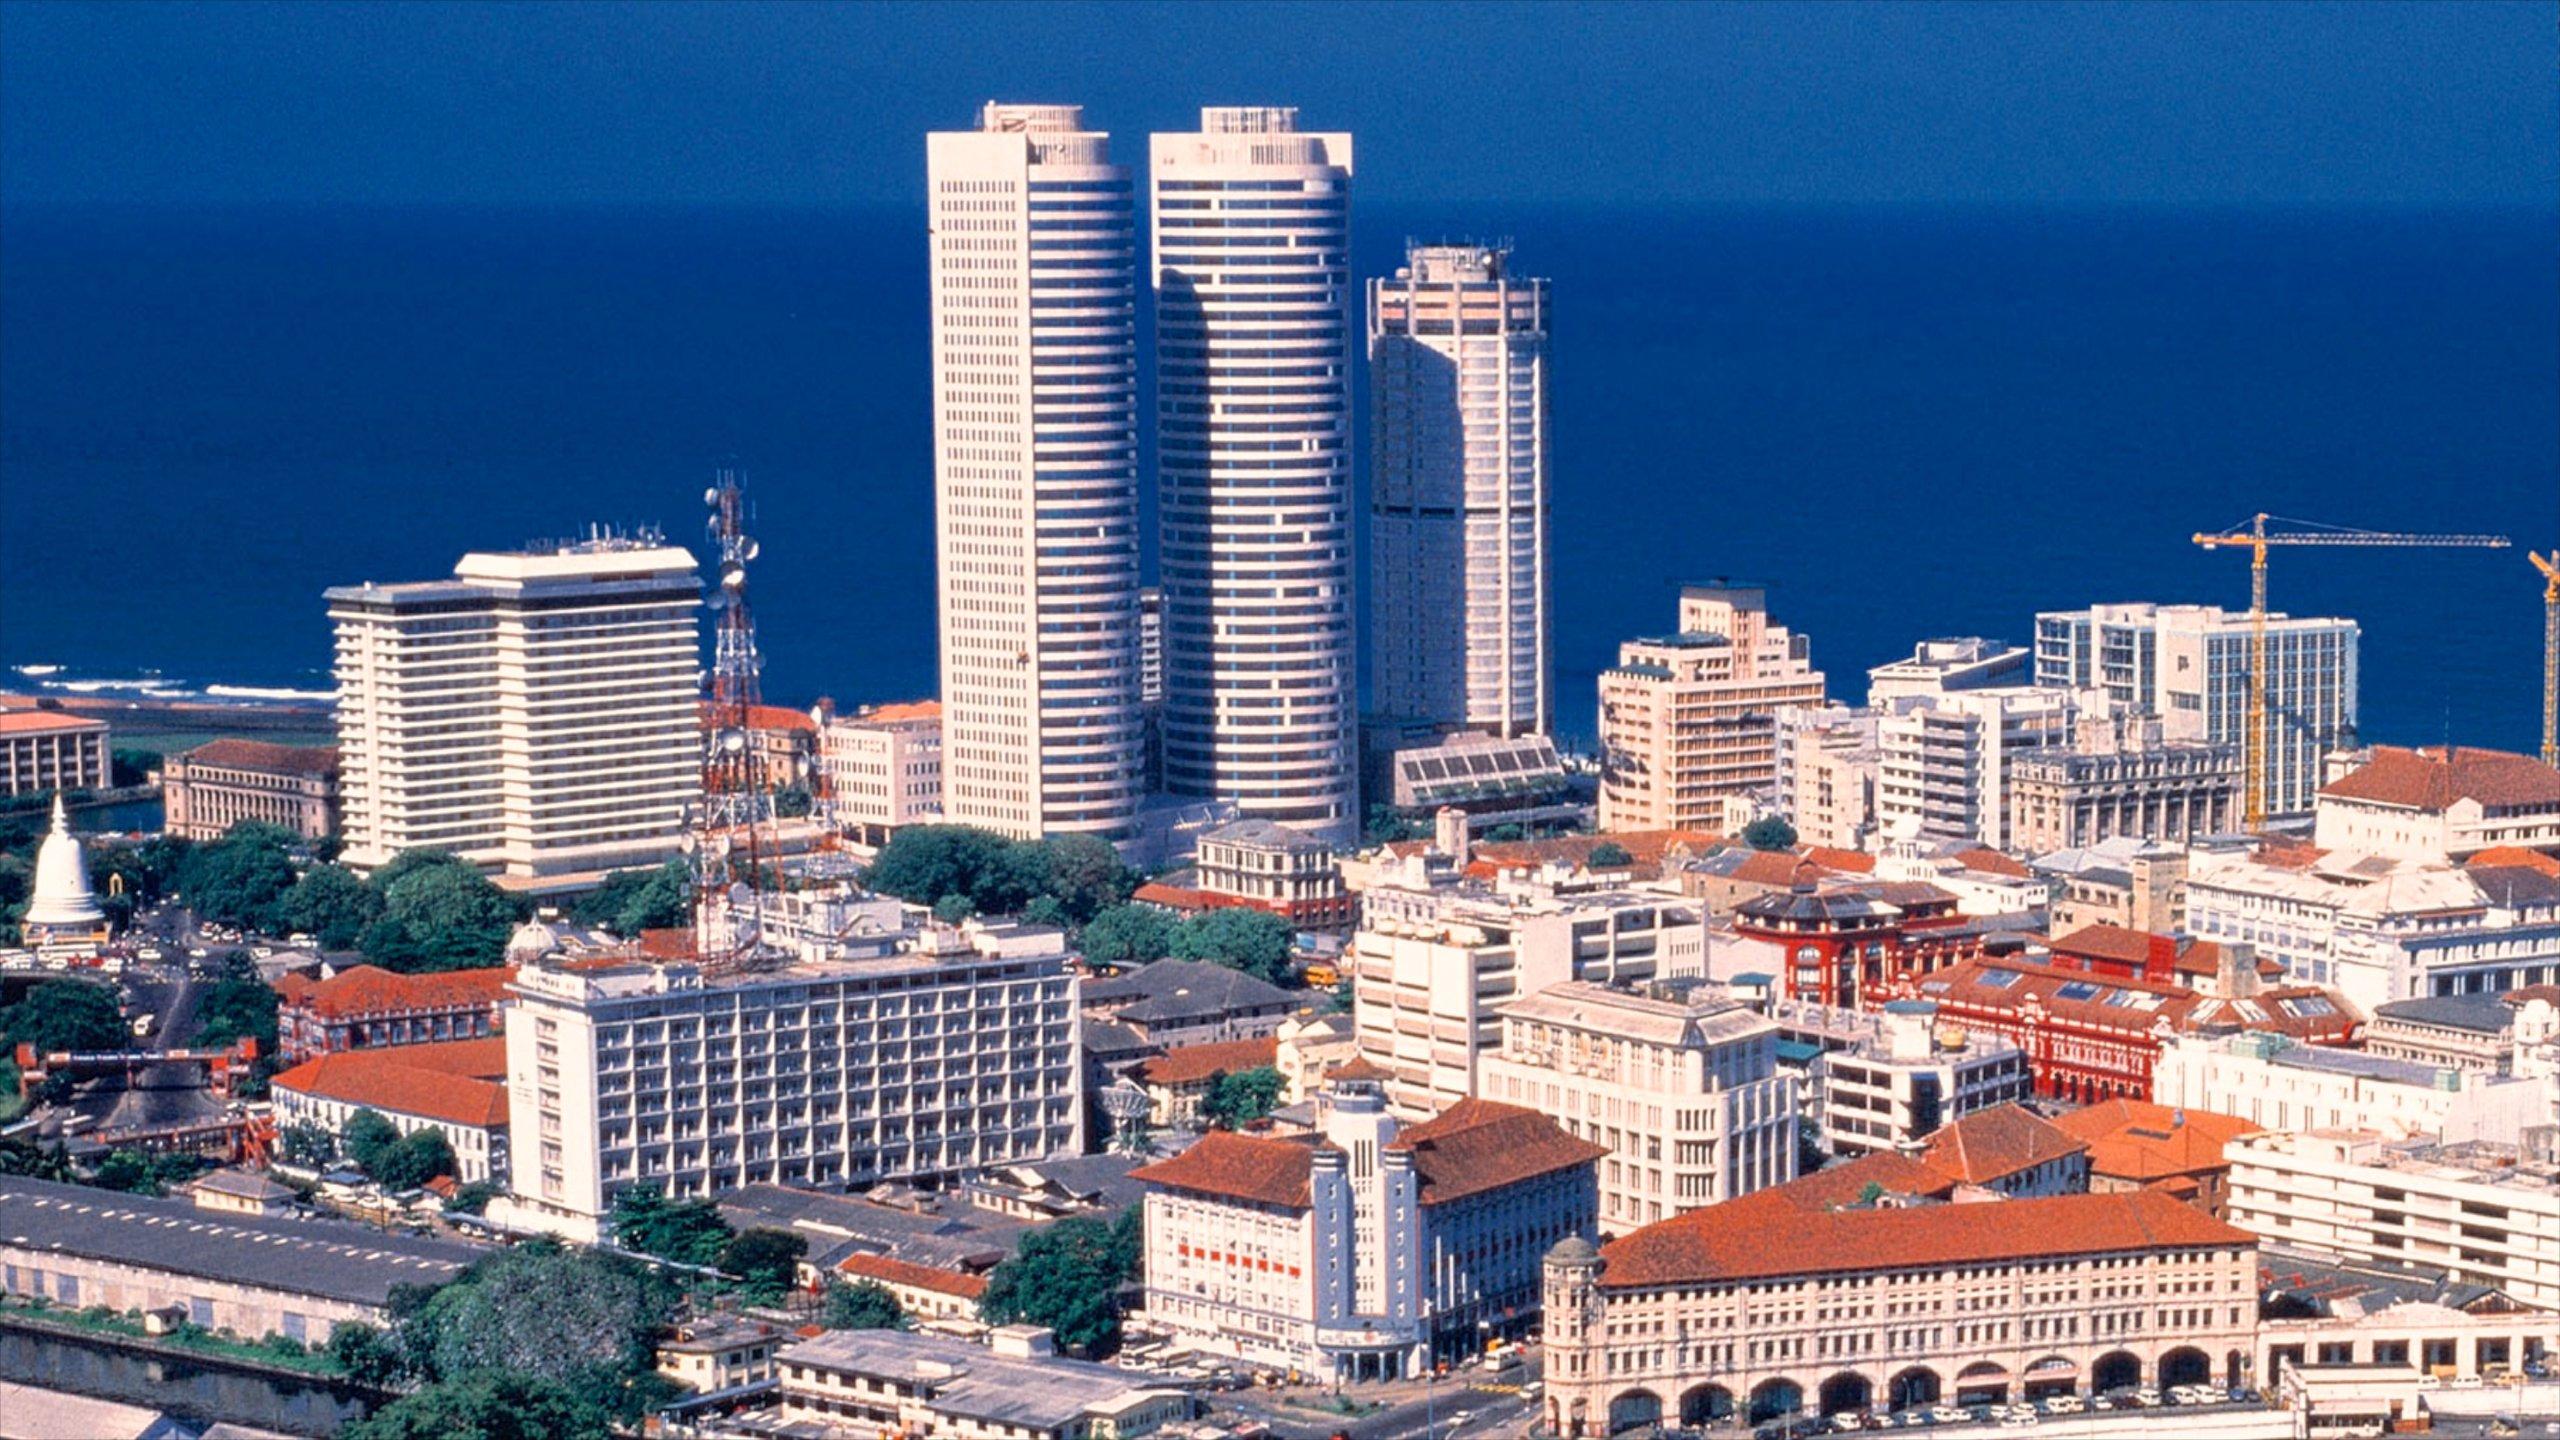 Colombo 07, Colombo, Western Province, Sri Lanka